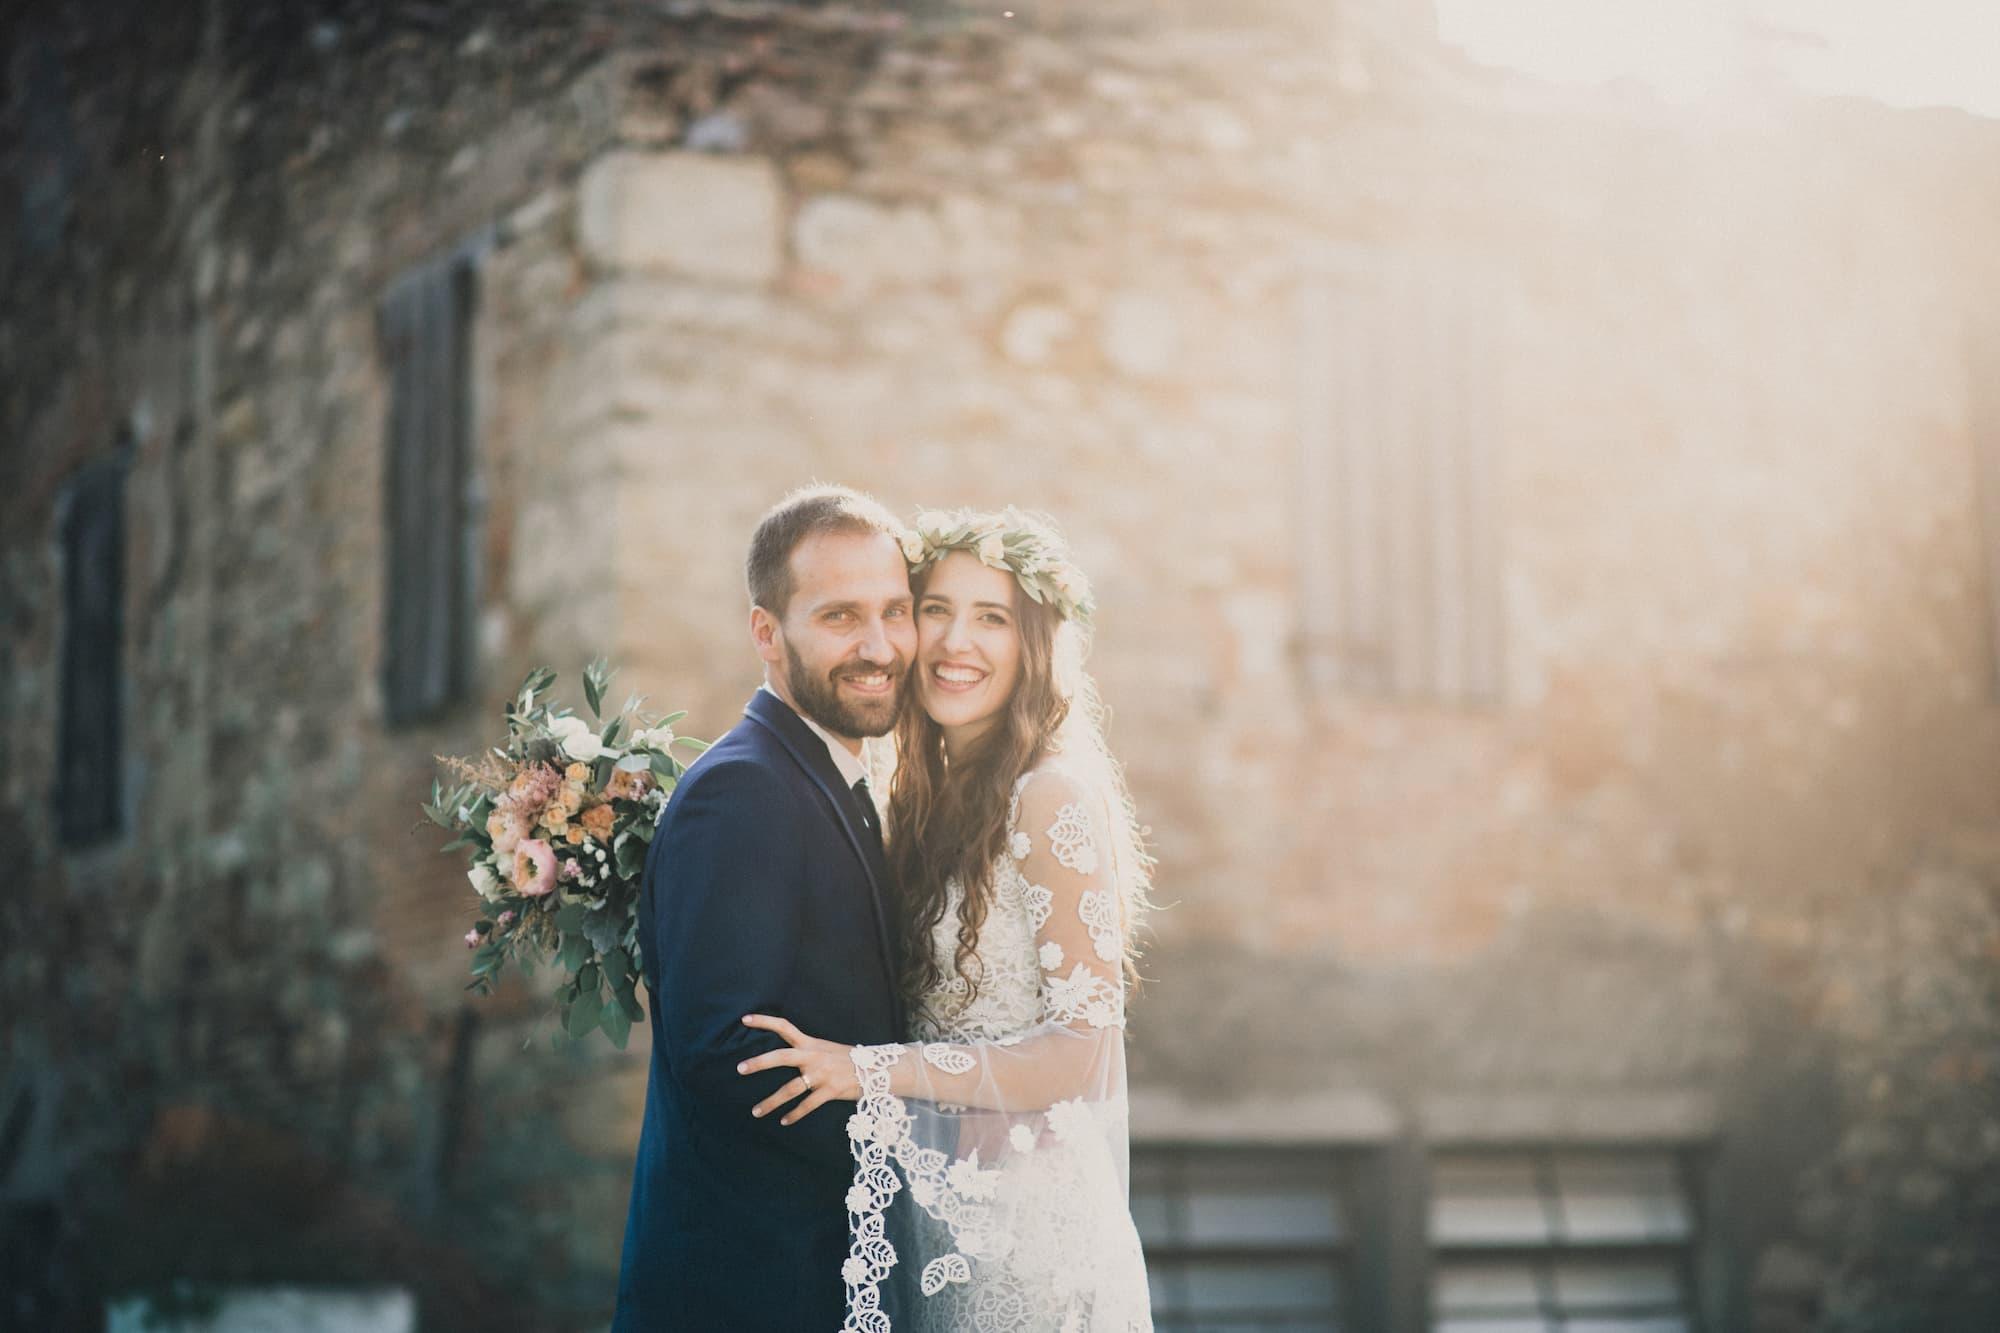 friendstudio fotografo servizio fotografico foto forlì cesena rimini faenza ravenna azienda cerimonia matrimonio fotografo